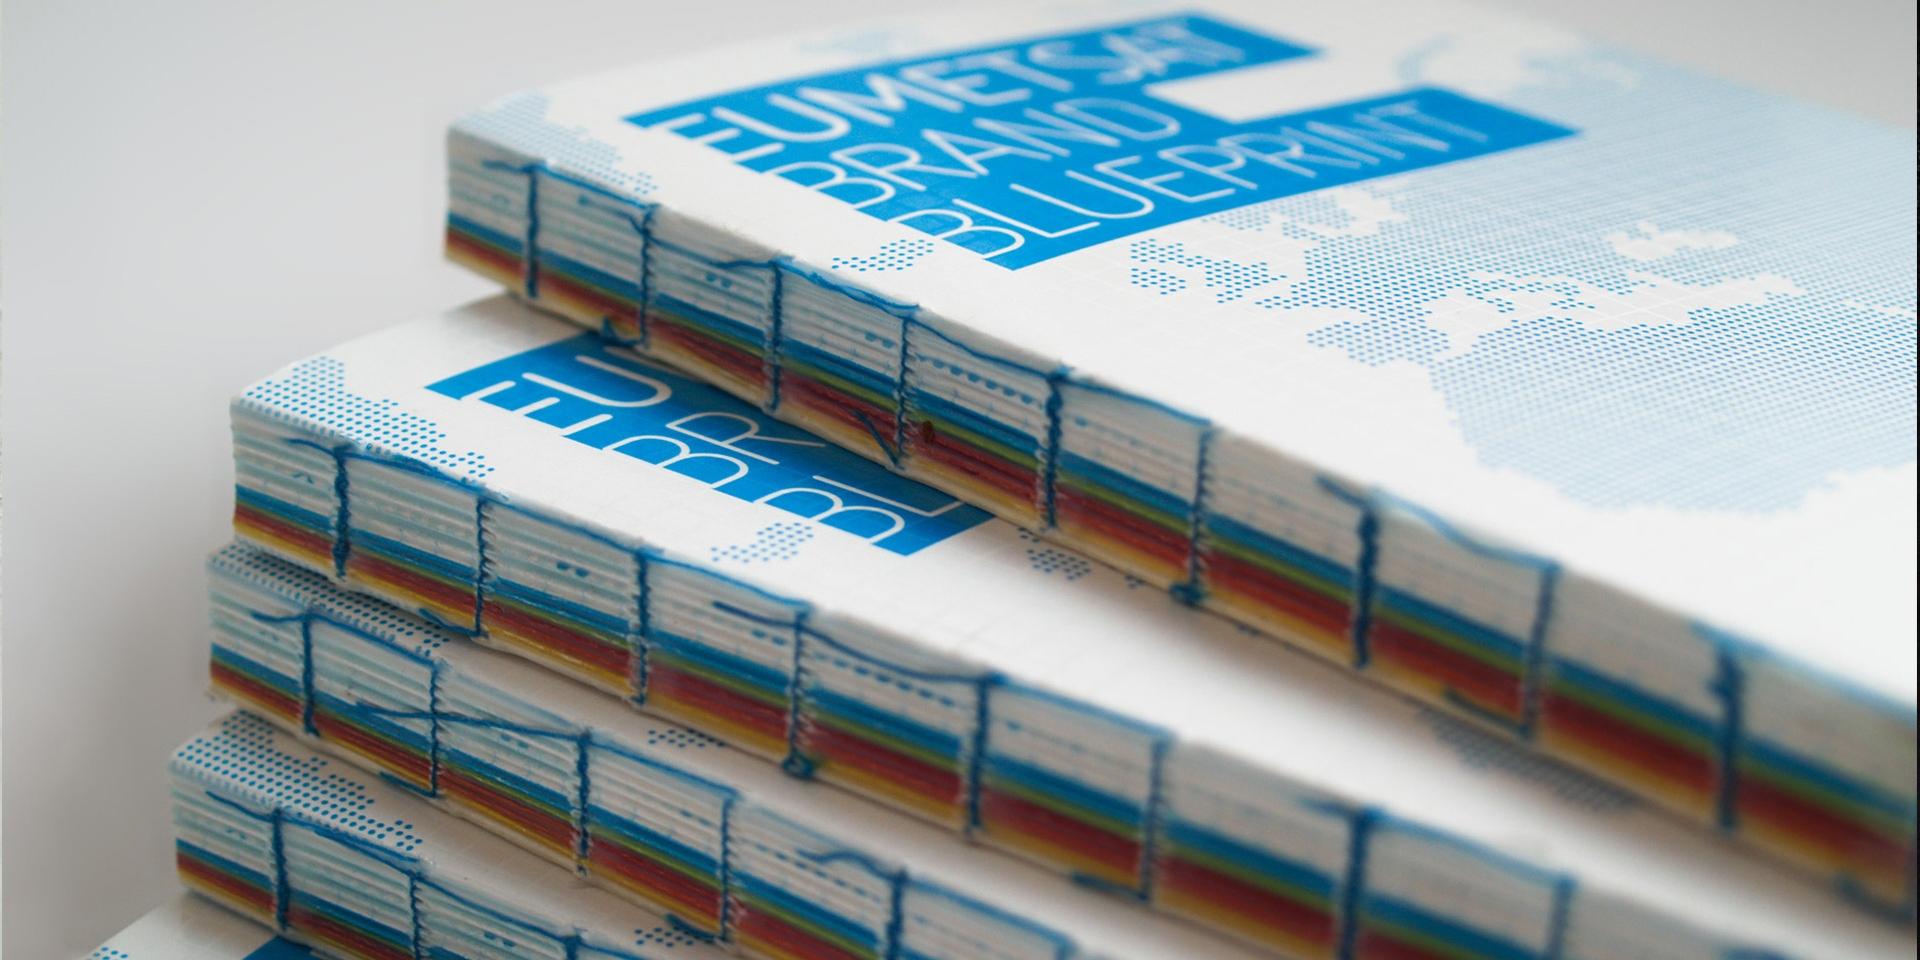 Eumetsat Branding